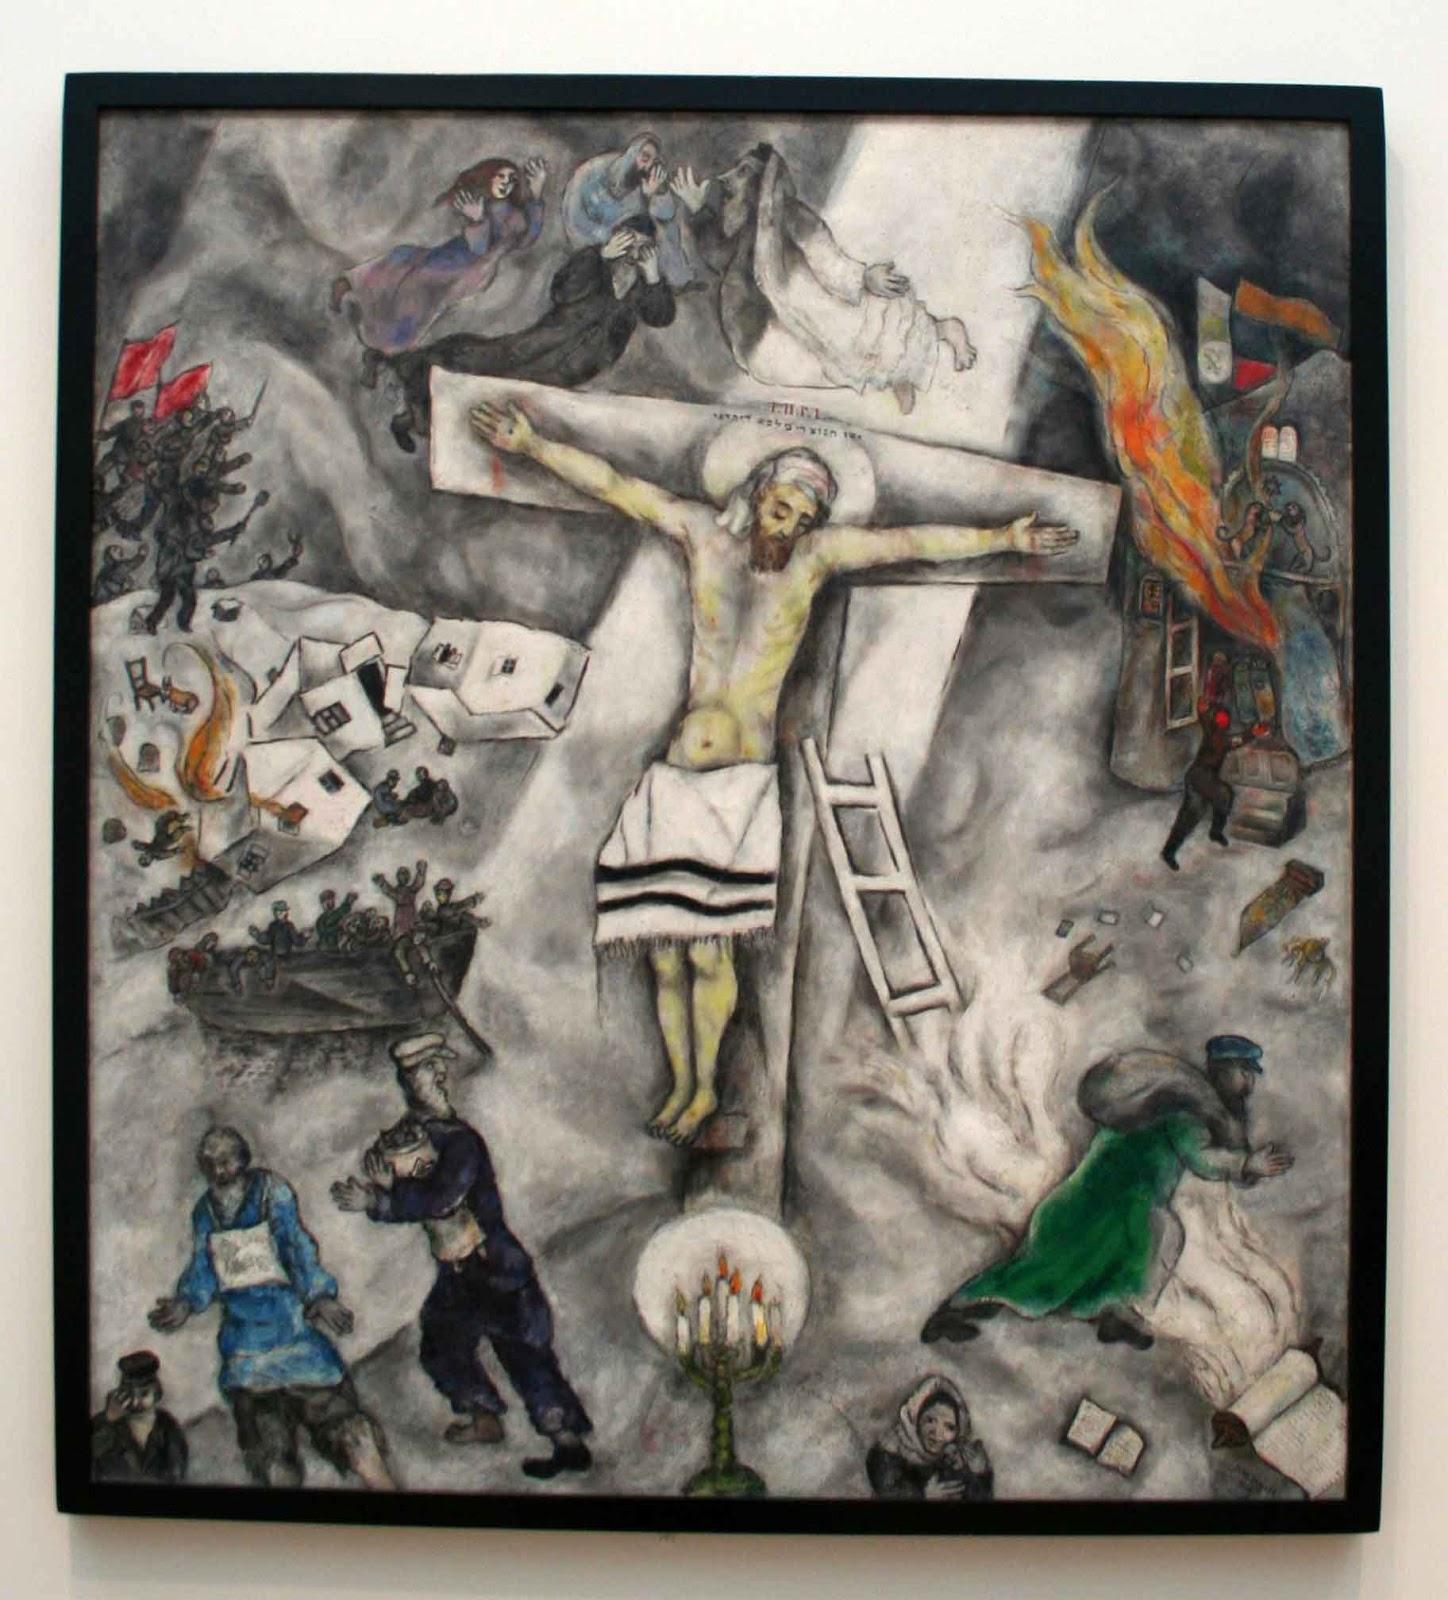 Voglio il mondo a colori: Chicago, The Art Institute ... Chagall Crucifixion